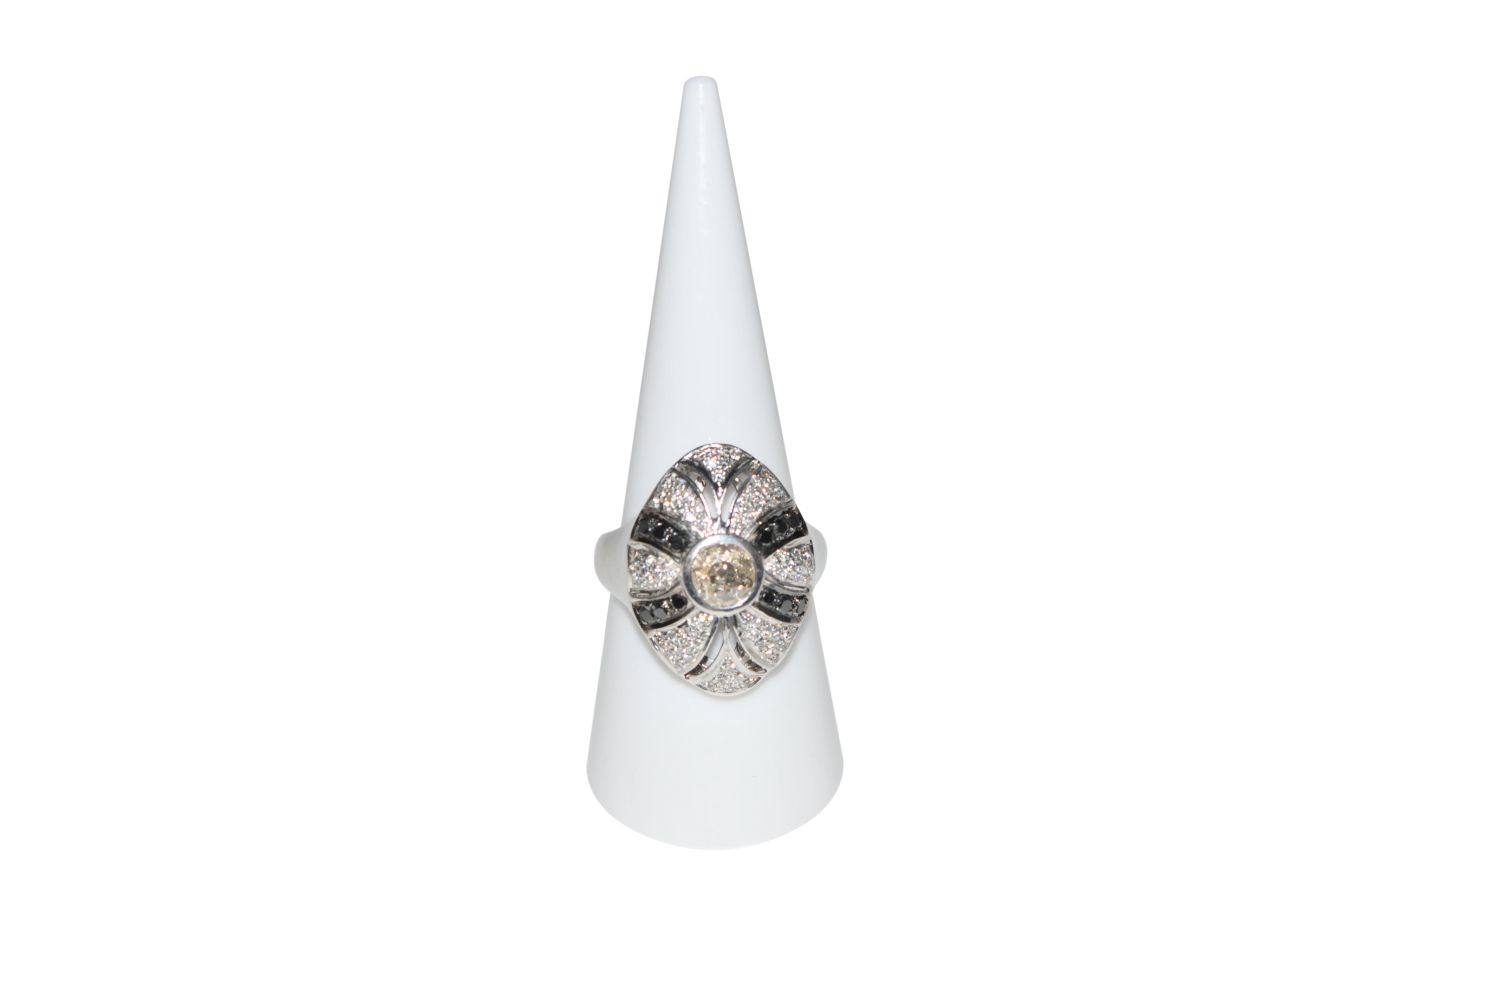 #97 Diamond ring | Diamantring Image